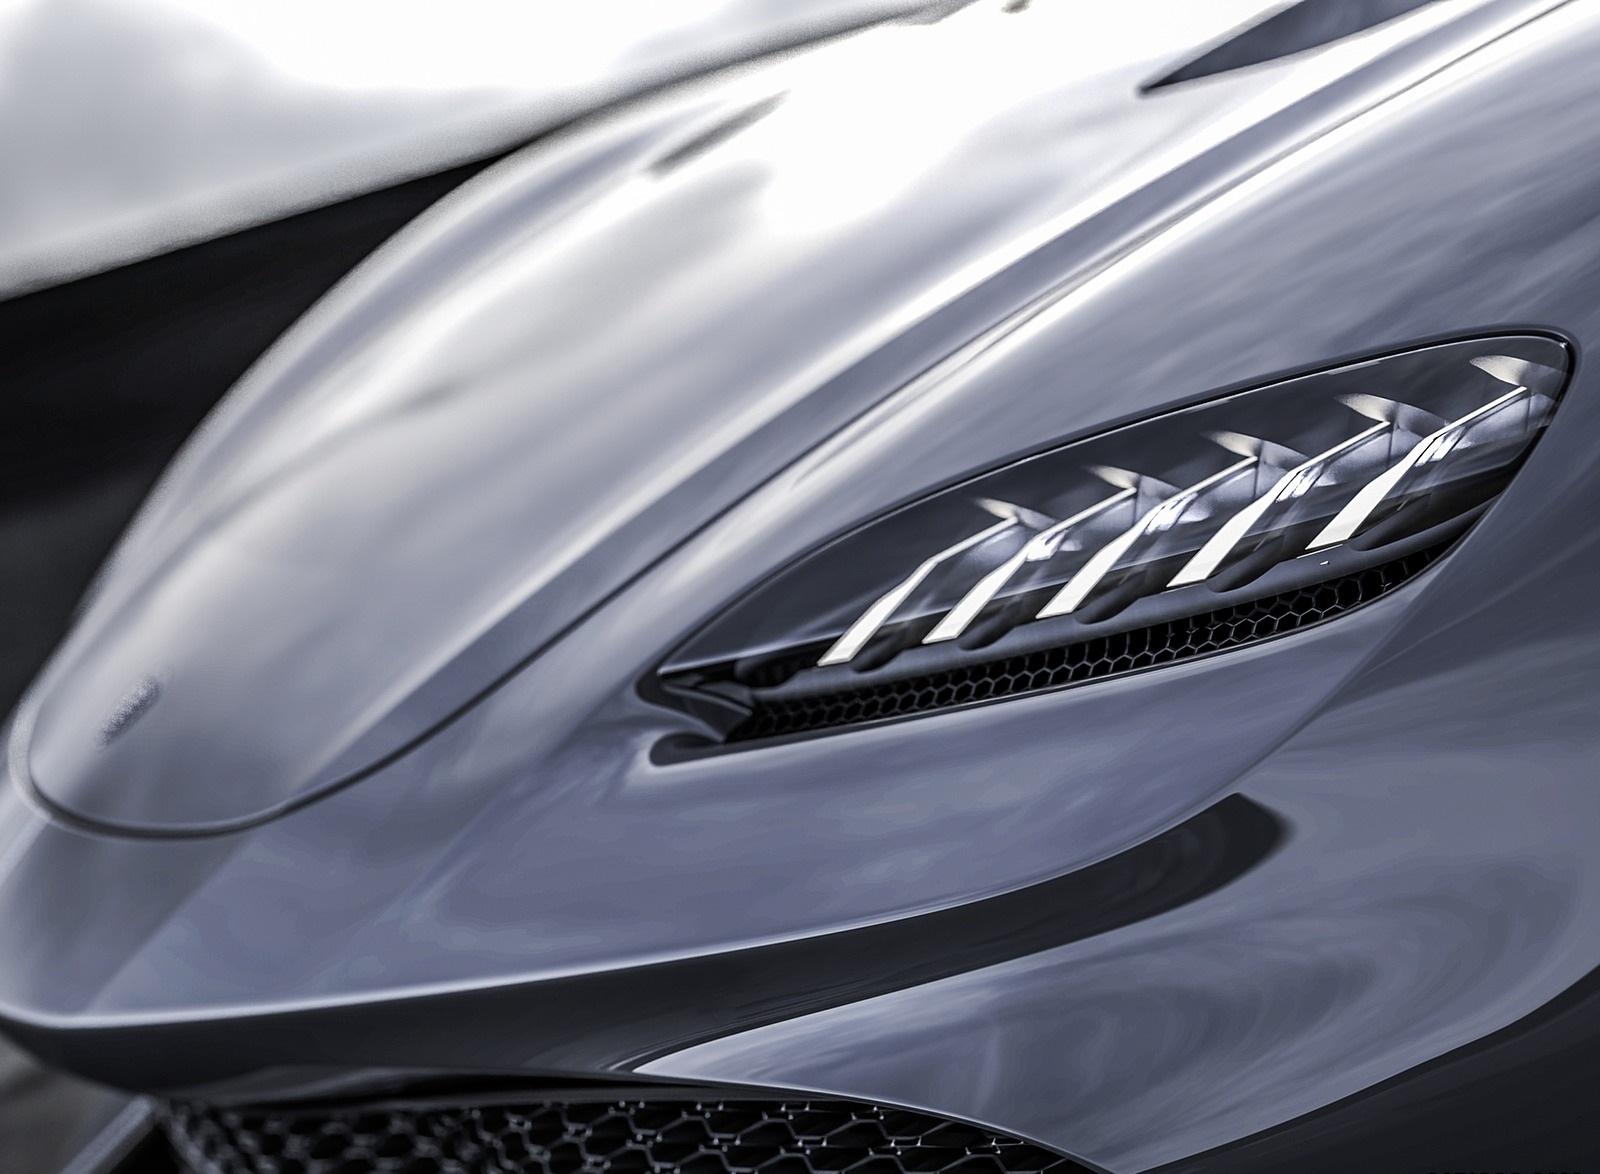 2021 Koenigsegg Gemera Headlight Wallpapers #37 of 45